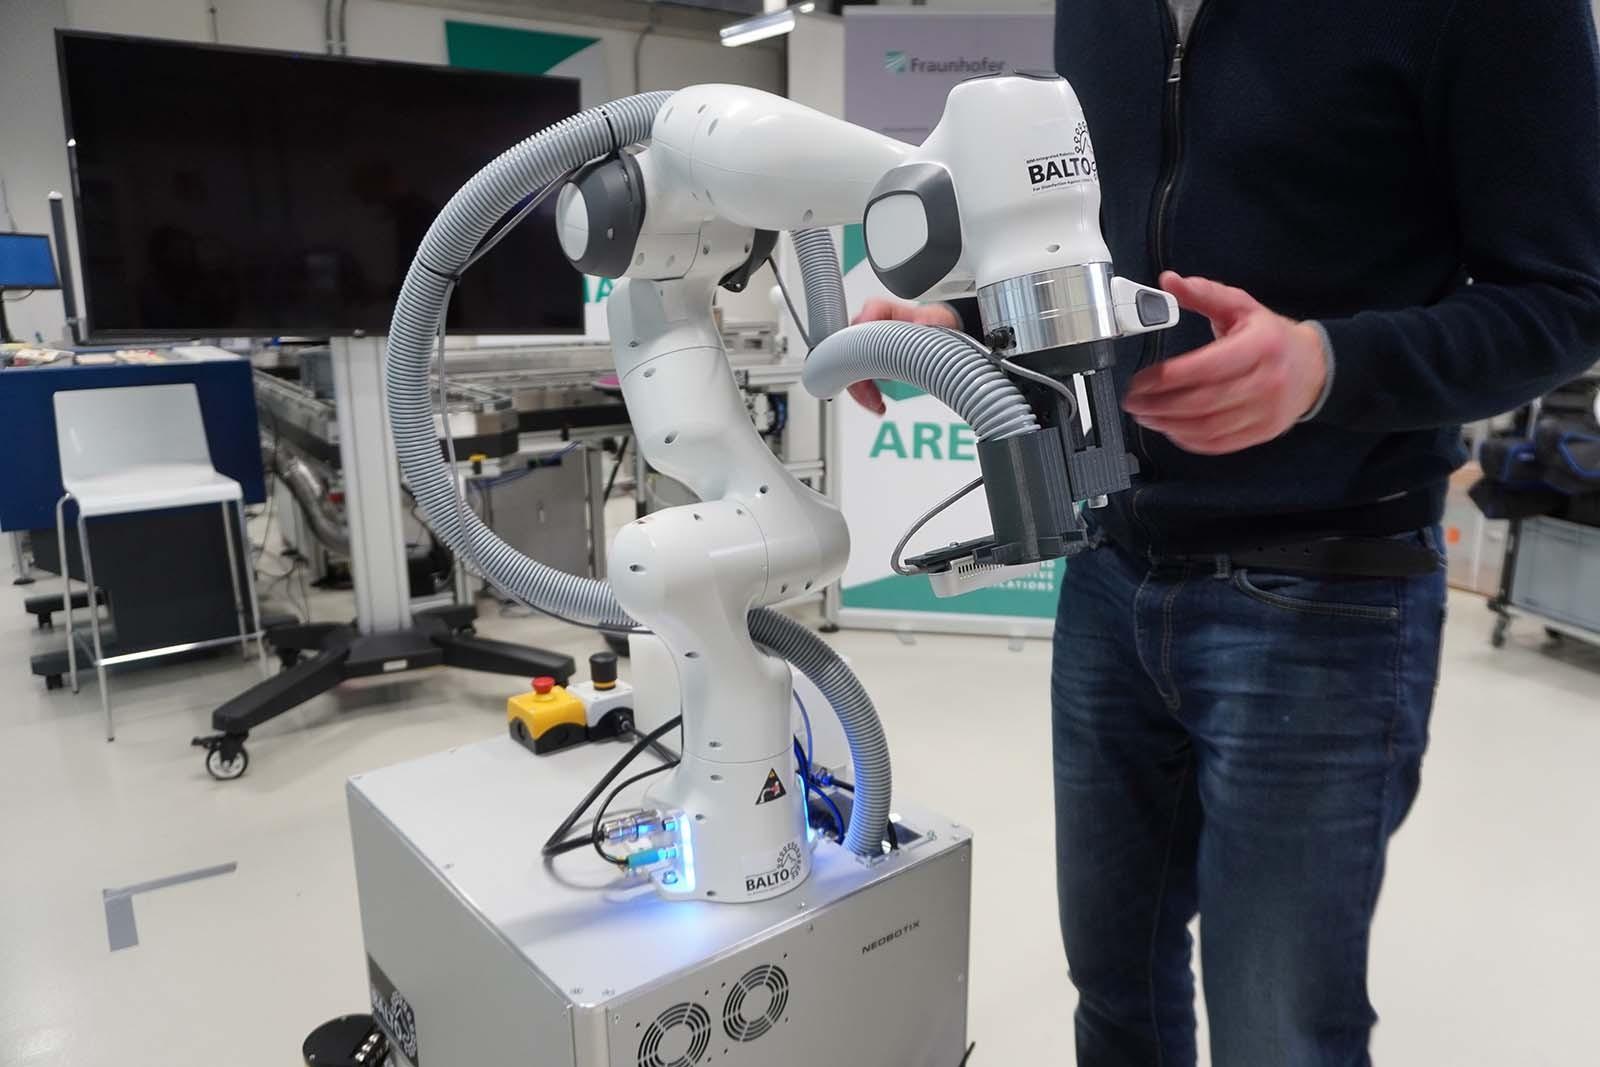 Desinfektionsroboter im Technologiepark NOI in Bozen